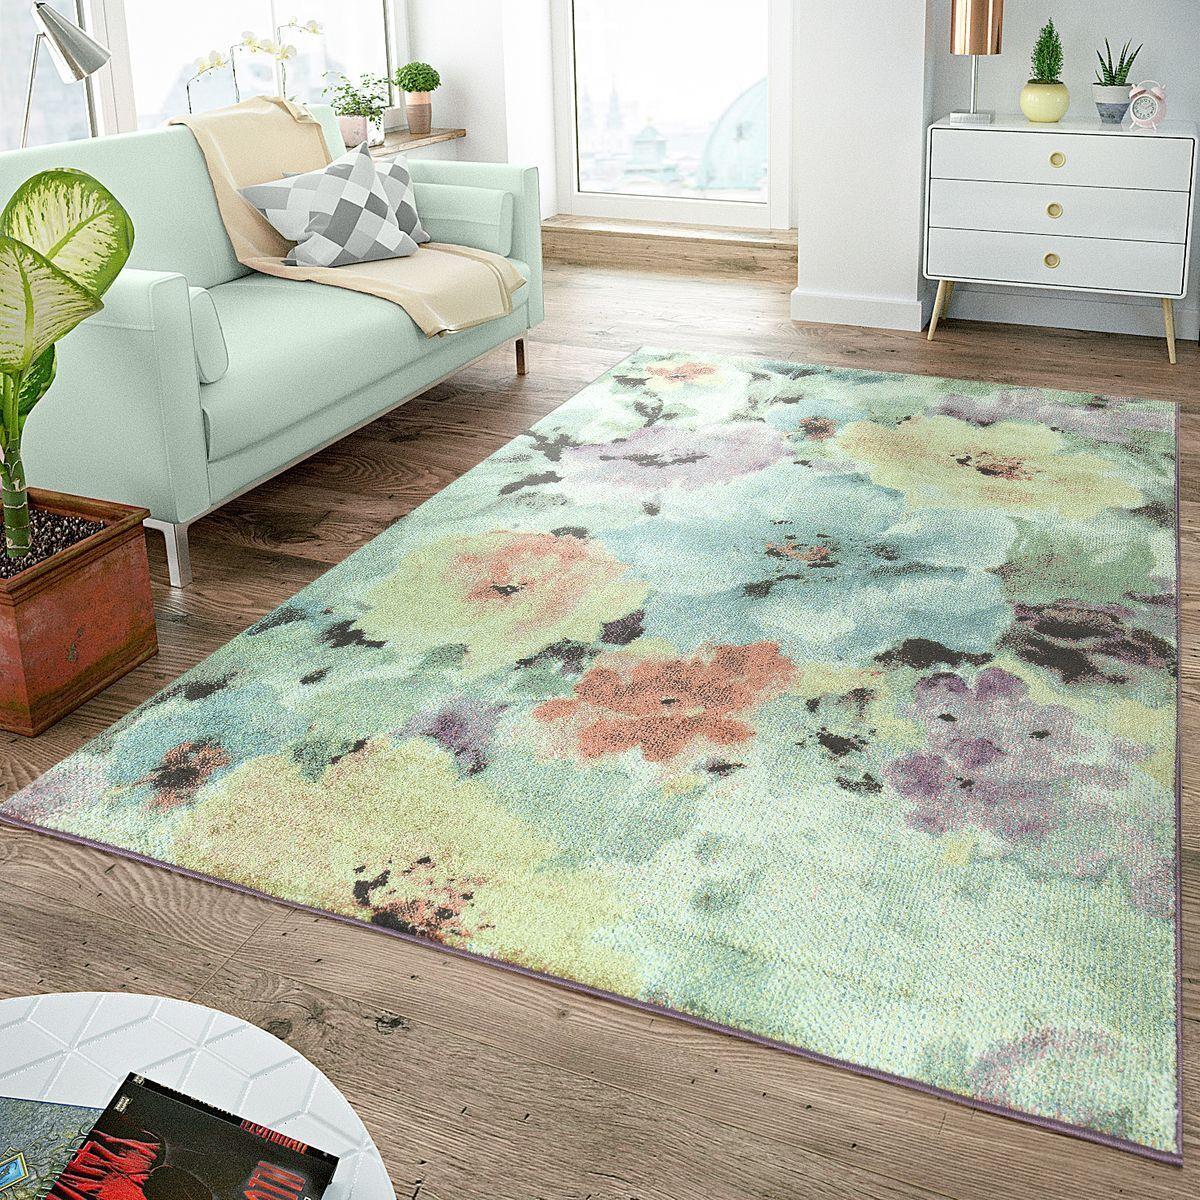 Tapis Moderne Poils Ras Colorees Pastels Design Floral MultiColoreeee Bigarré